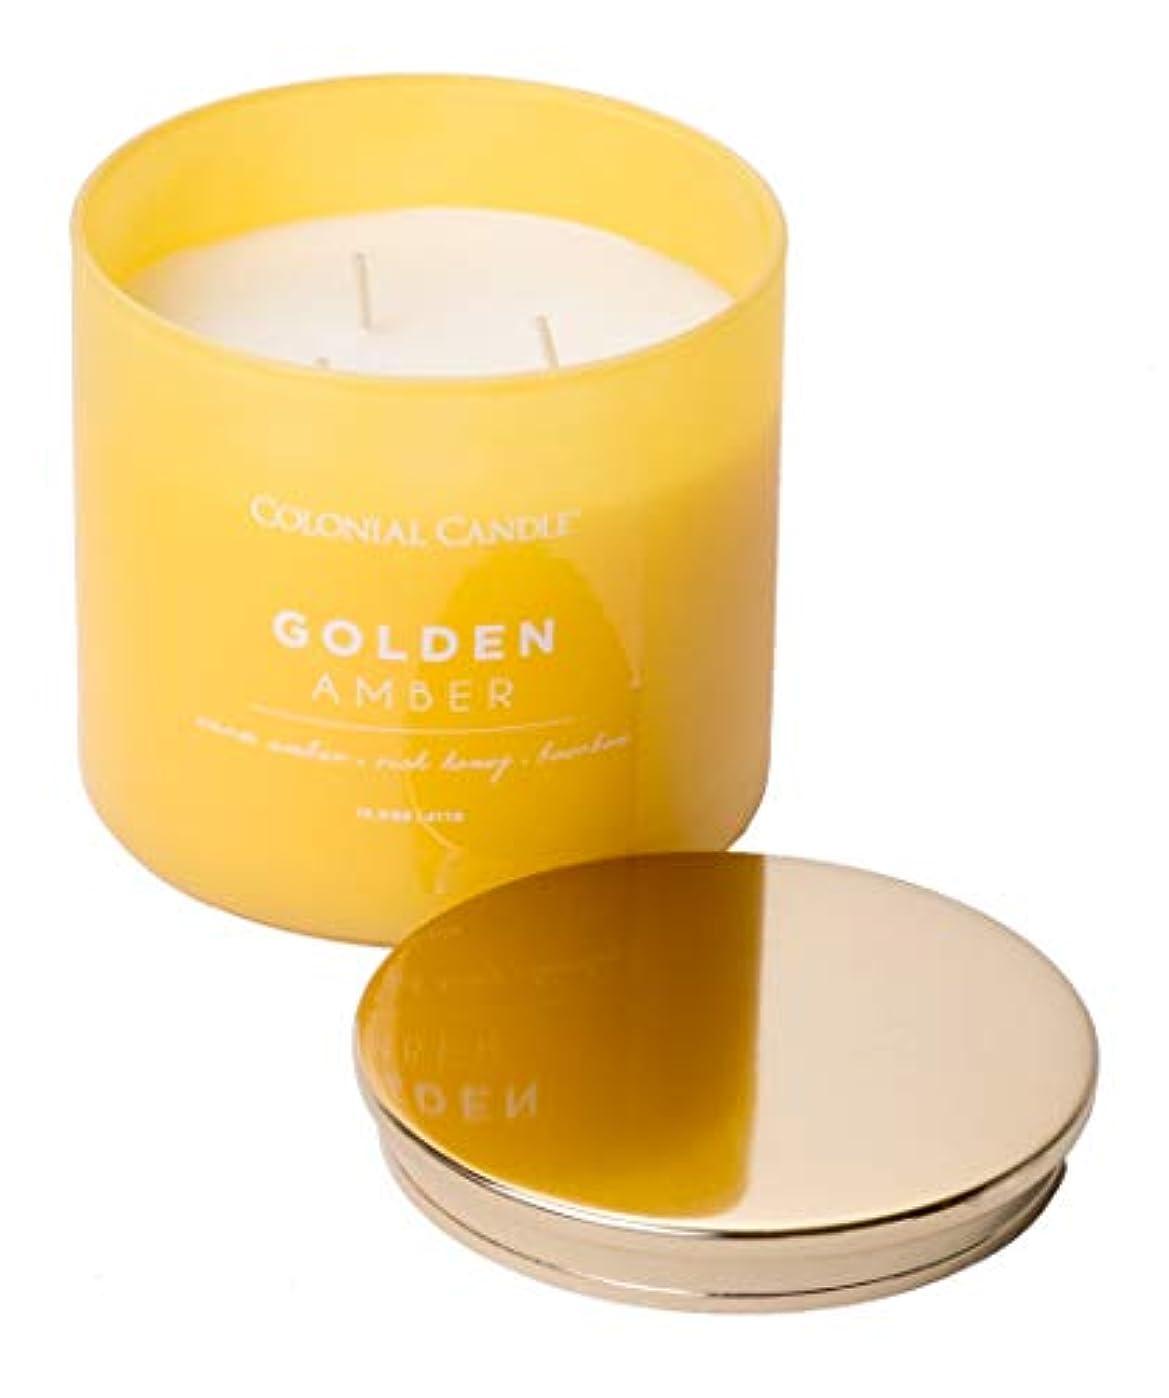 クラウド連結するマートColonial Candle ゴールデンアンバー ポップオブカラーコレクション 香り高いキャンドル 装飾的な色付きガラス瓶入り ミディアム 14.5オンス